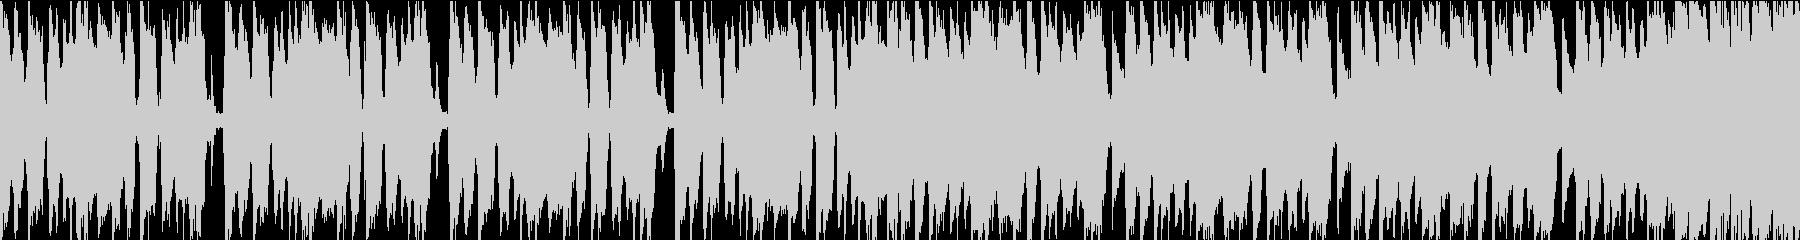 尾行を撒くシーンにあうBGM_1の未再生の波形